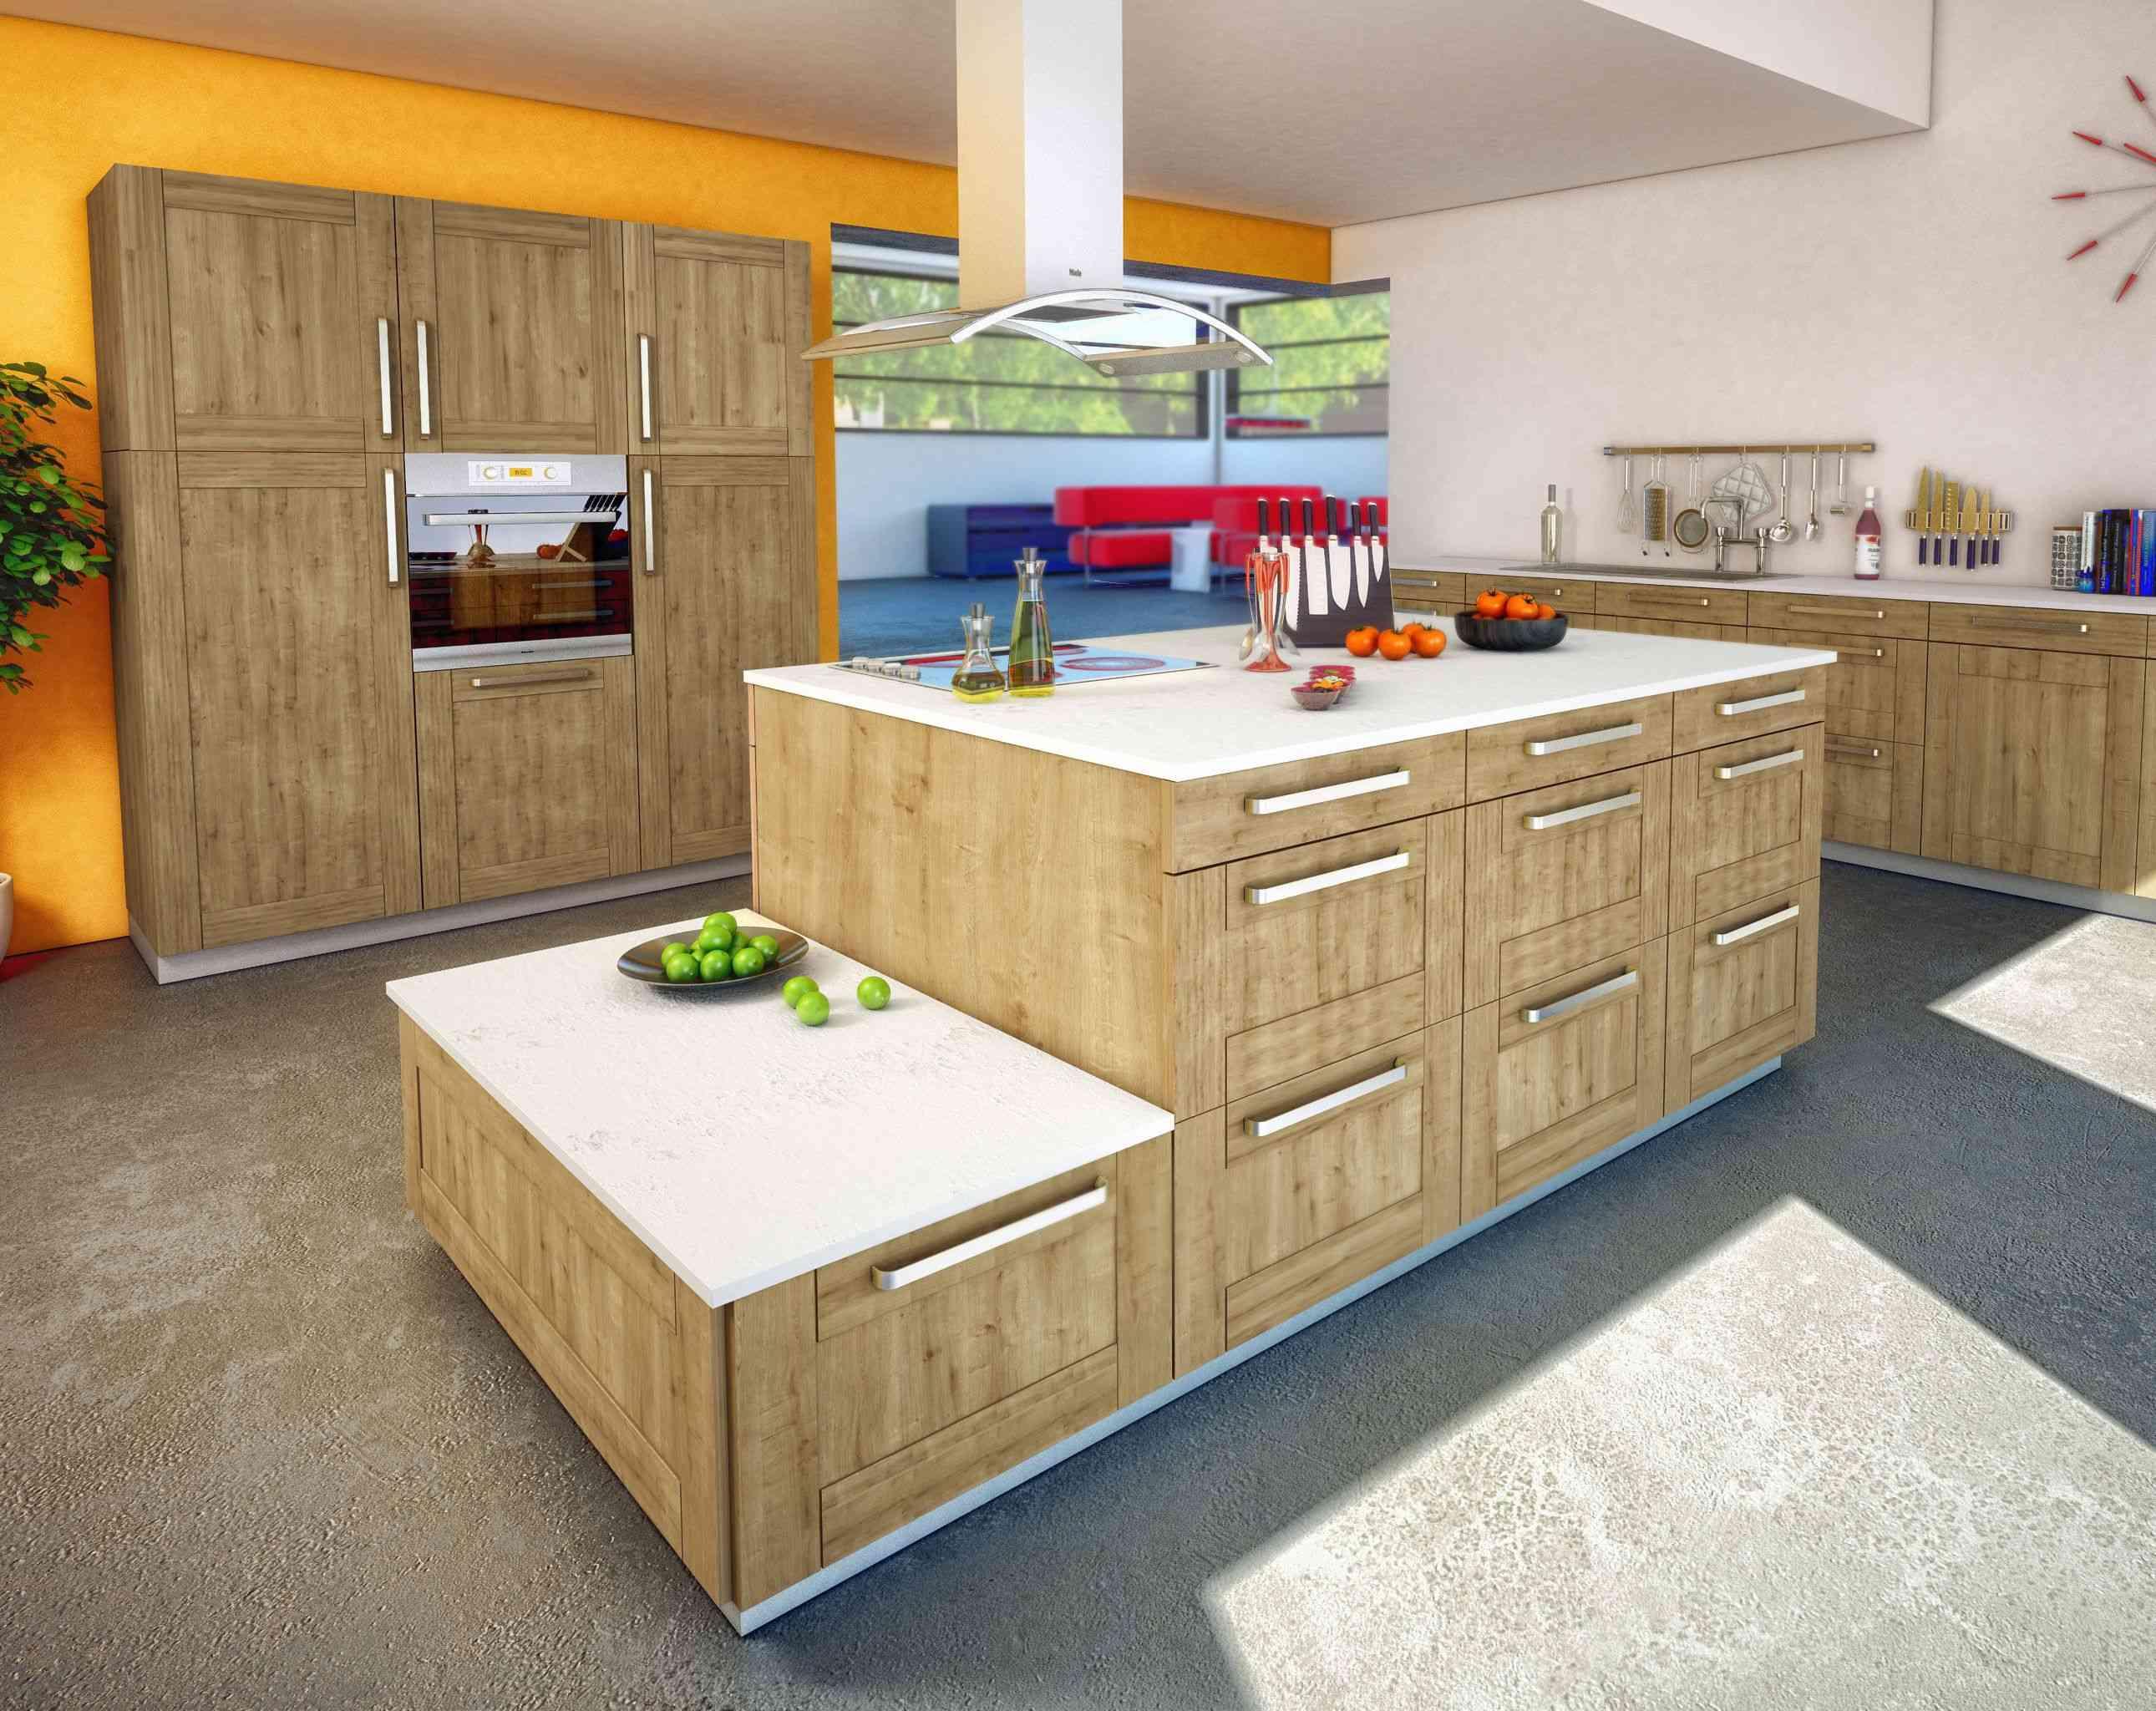 Jeux De Cuisine Jeux Jeux Jeux Meilleur De Photographie Logiciel Decoration Interieur Gratuit Génial Bmw E53 X5 01 03 3 0d D